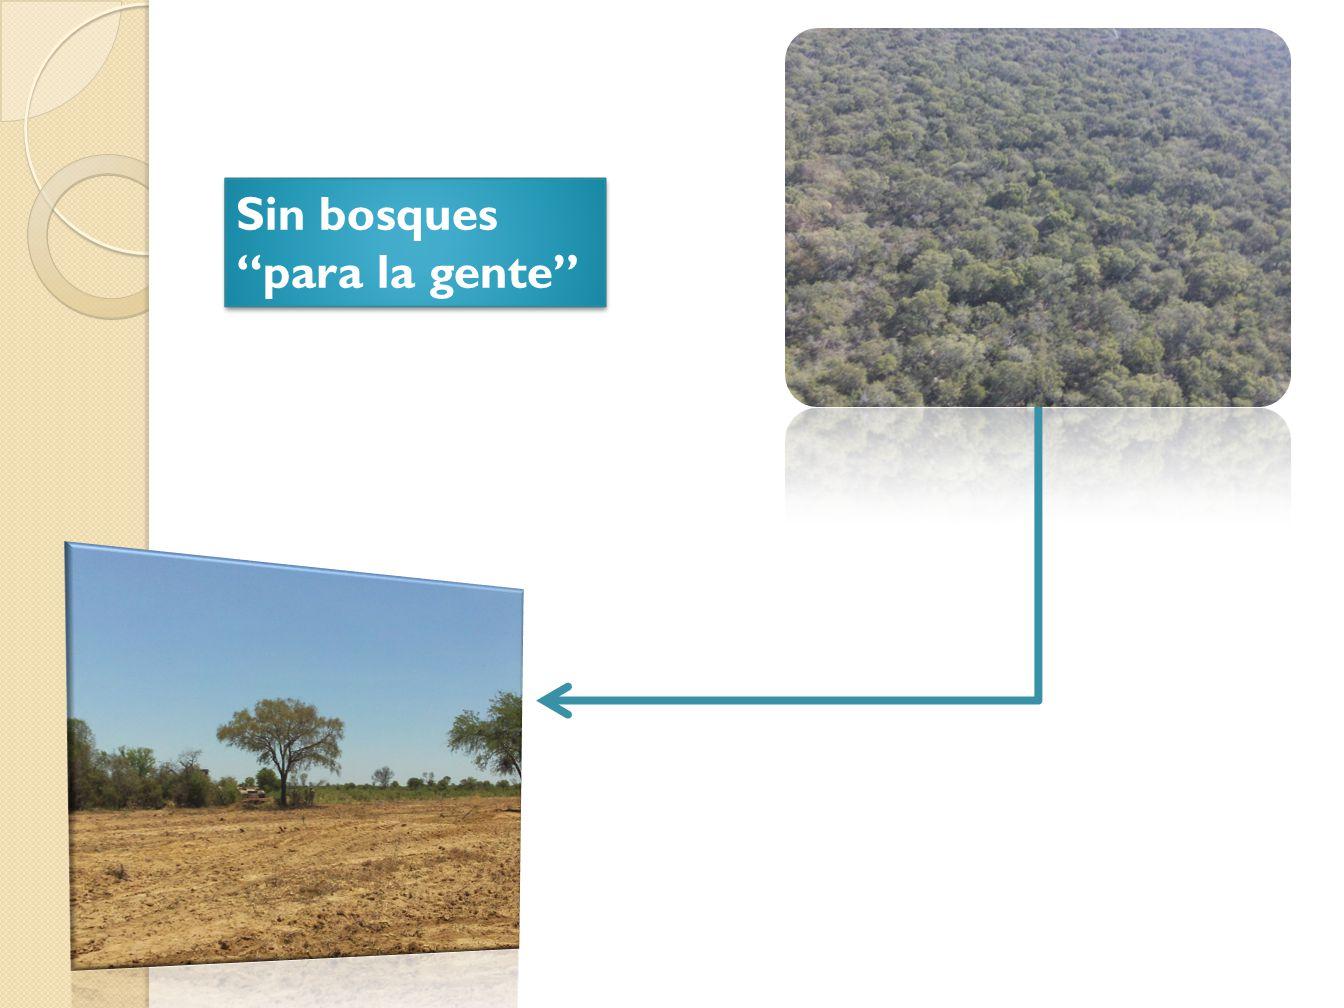 Sin bosques para la gente